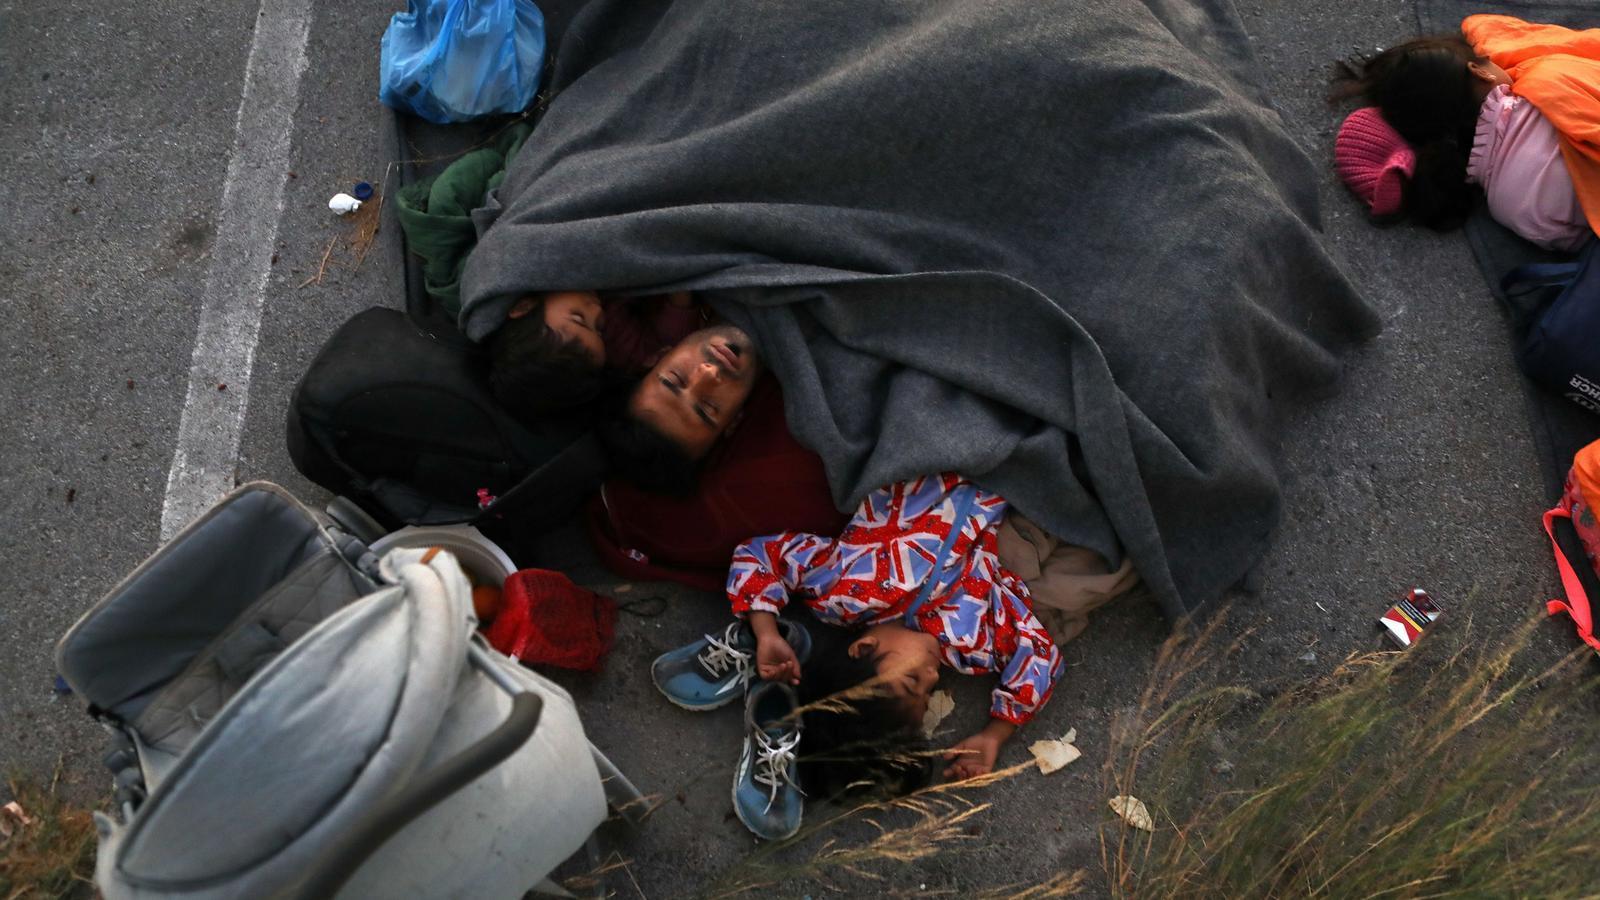 Una família dorm en una carretera propera al camp de refugiats després d'haver fugit de les falmes.